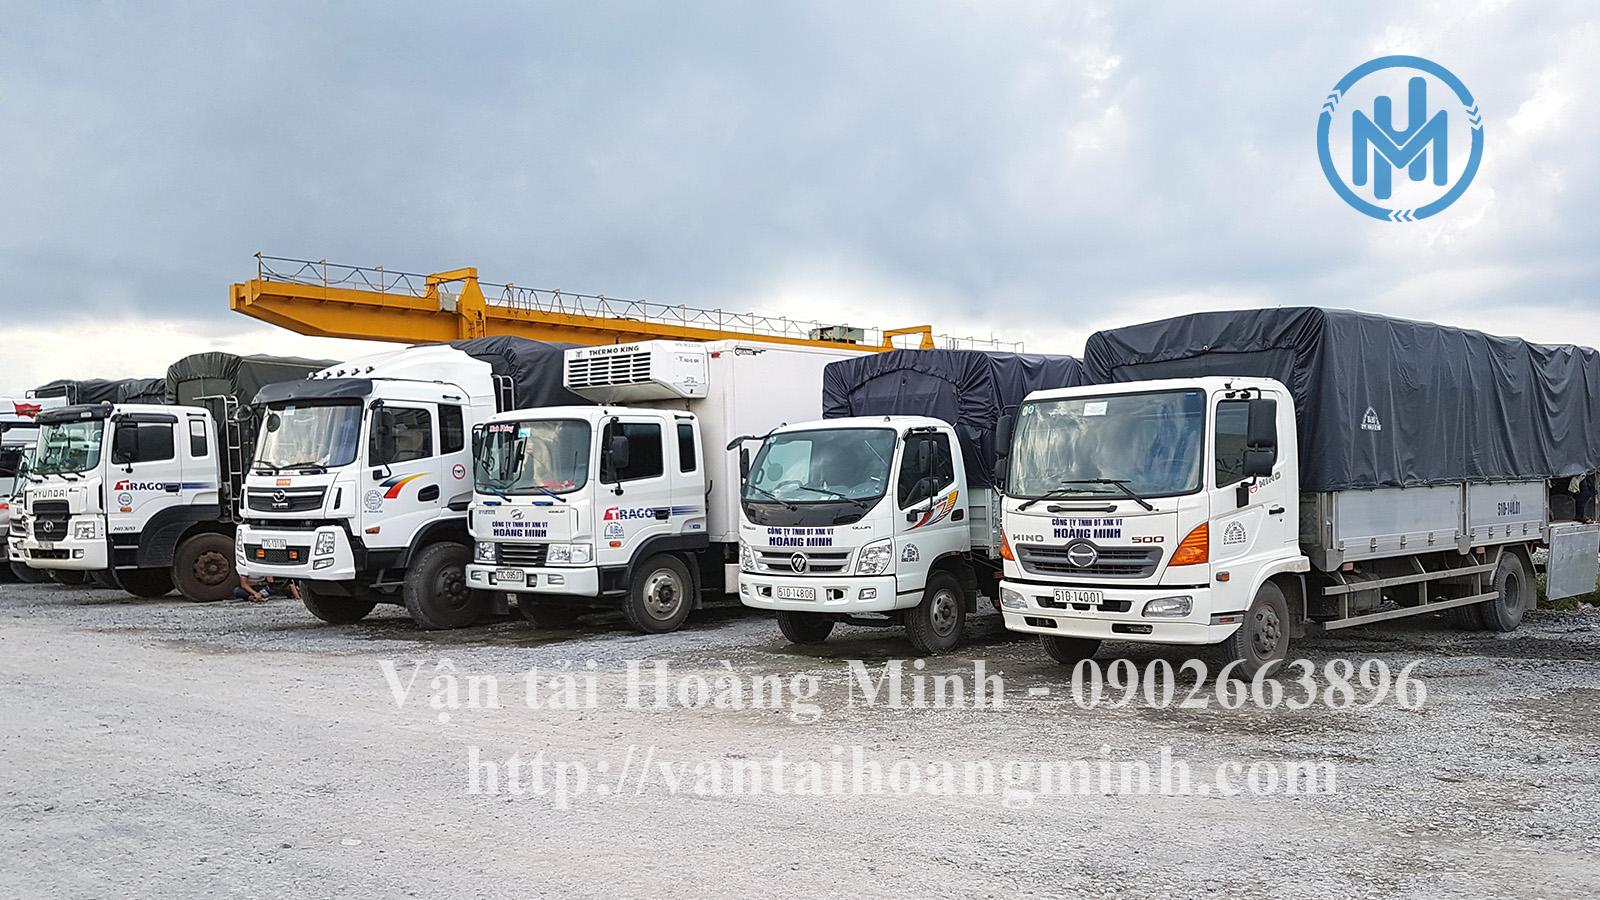 xe tải chở hàng nguyên xe uy tín chuyên nghiệp